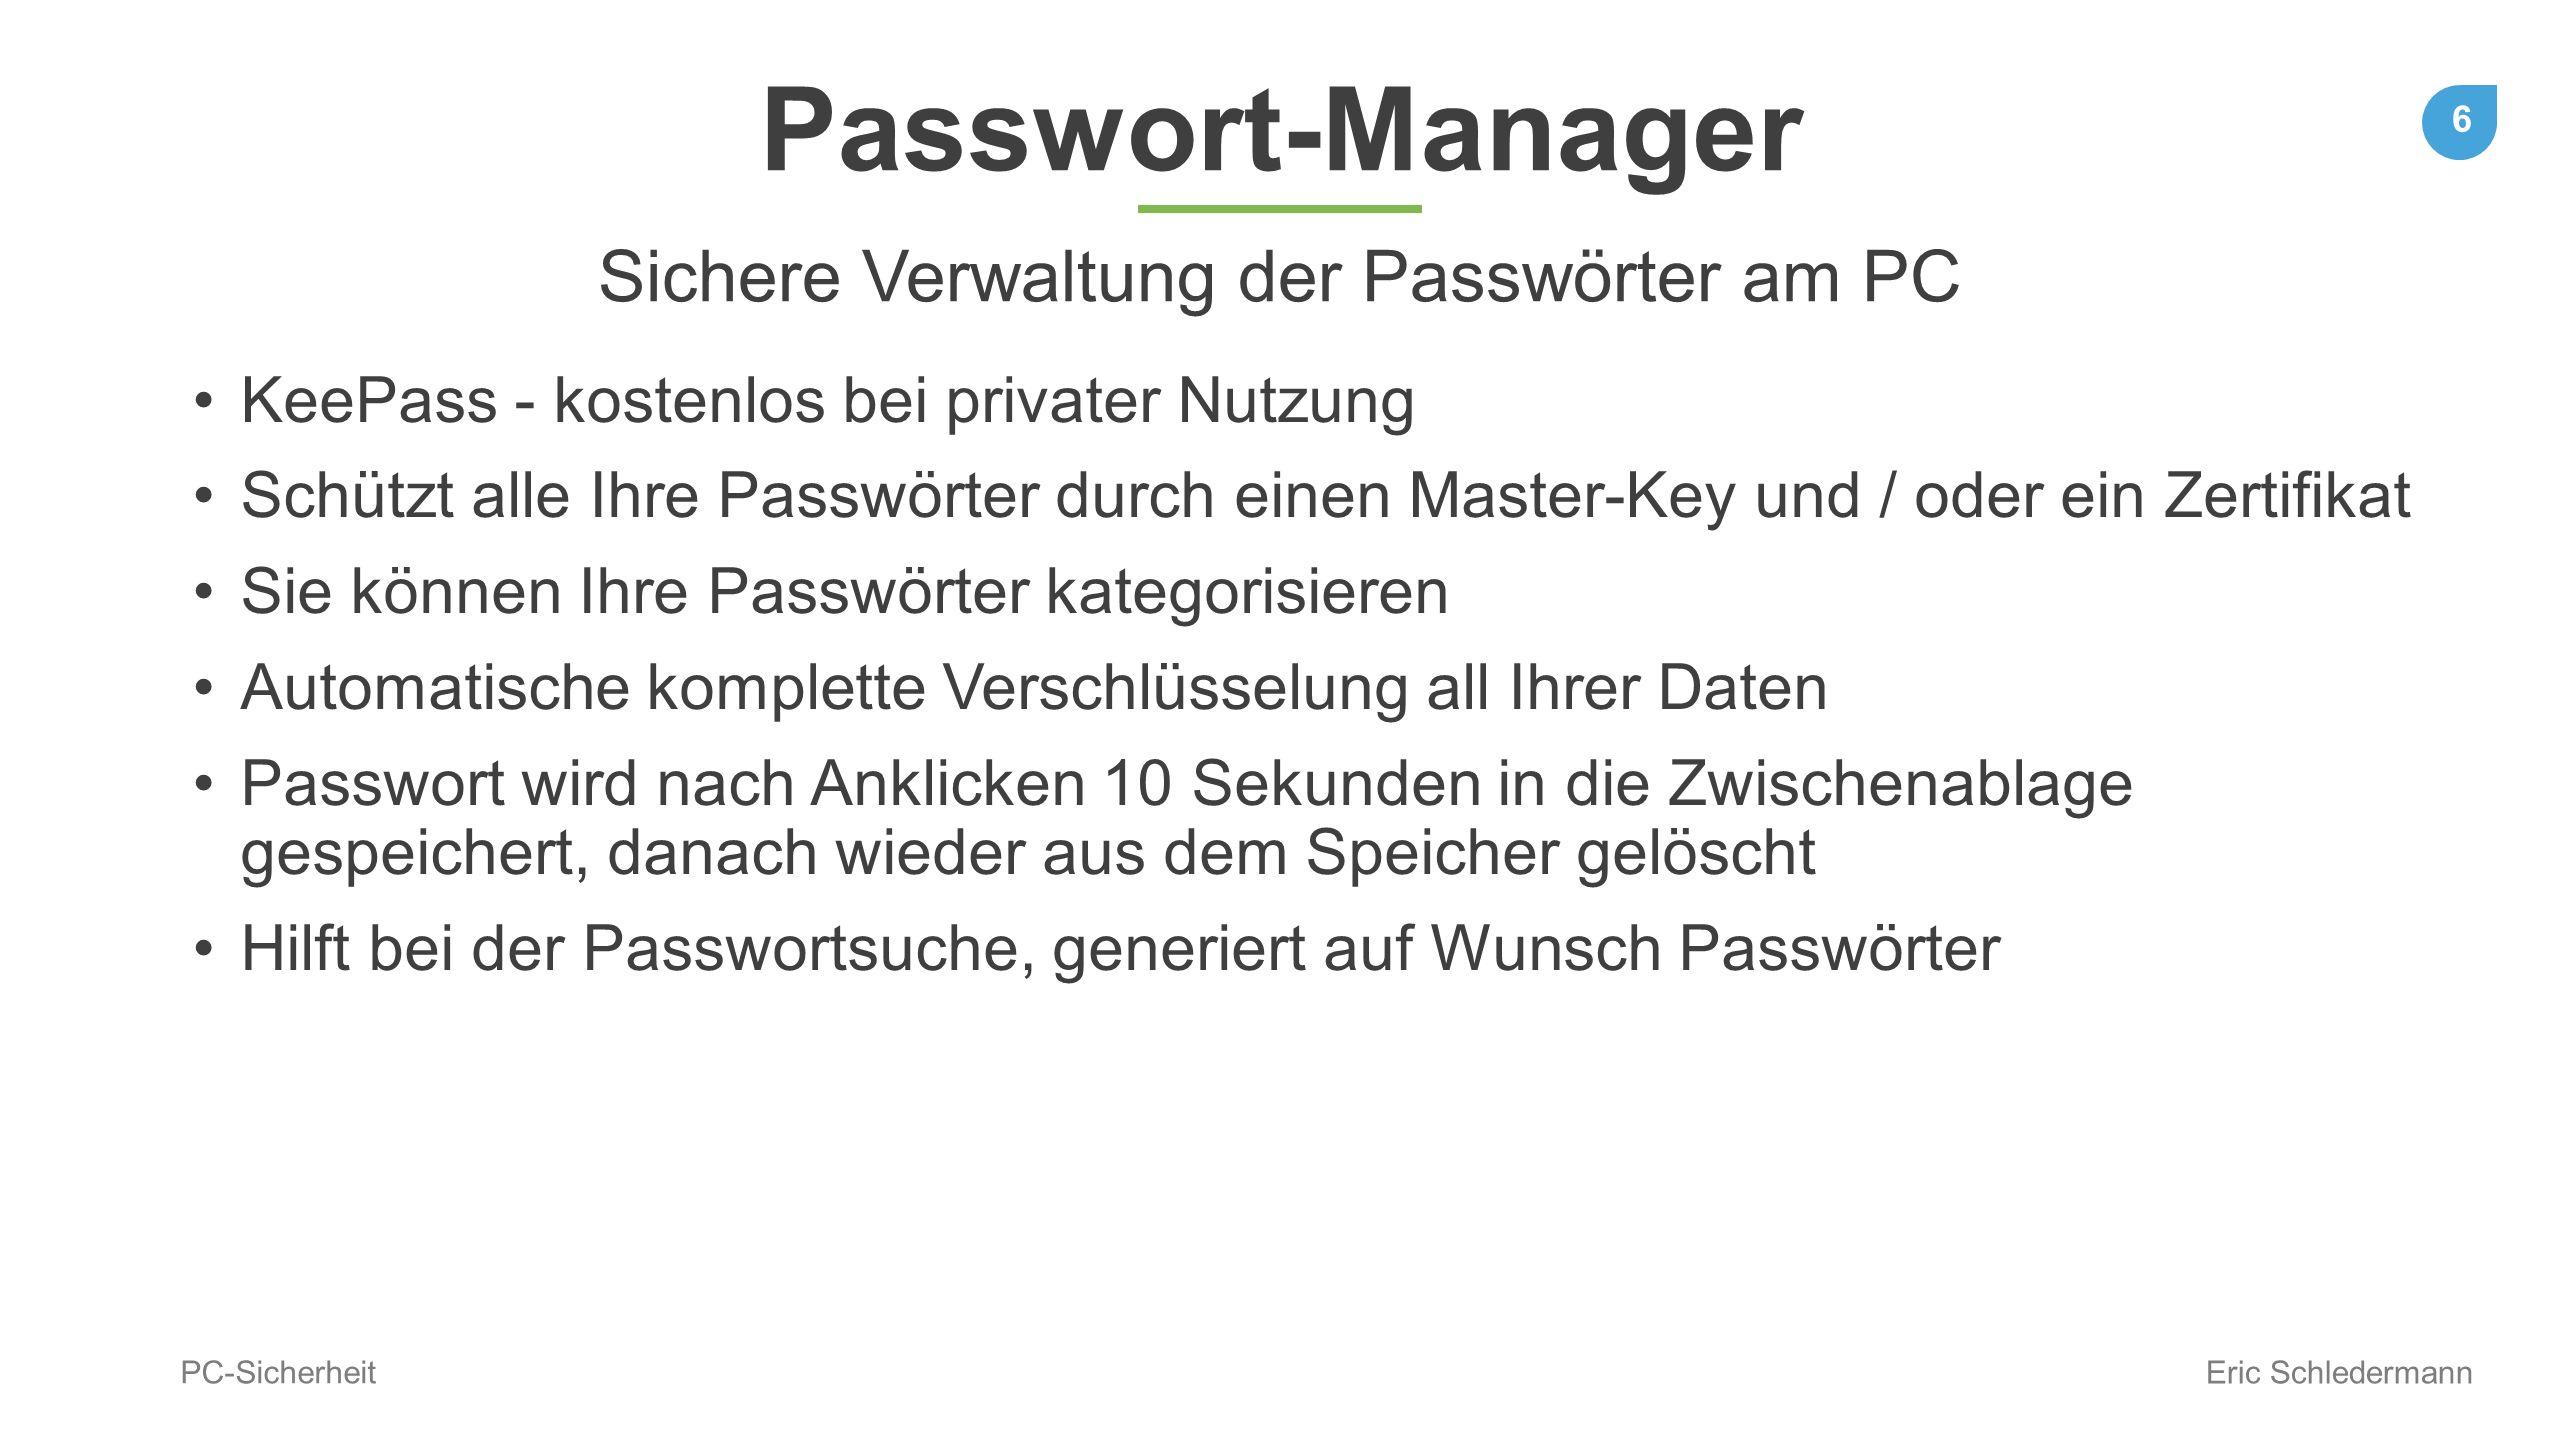 6 PC-Sicherheit Eric Schledermann Passwort-Manager Sichere Verwaltung der Passwörter am PC KeePass - kostenlos bei privater Nutzung Schützt alle Ihre